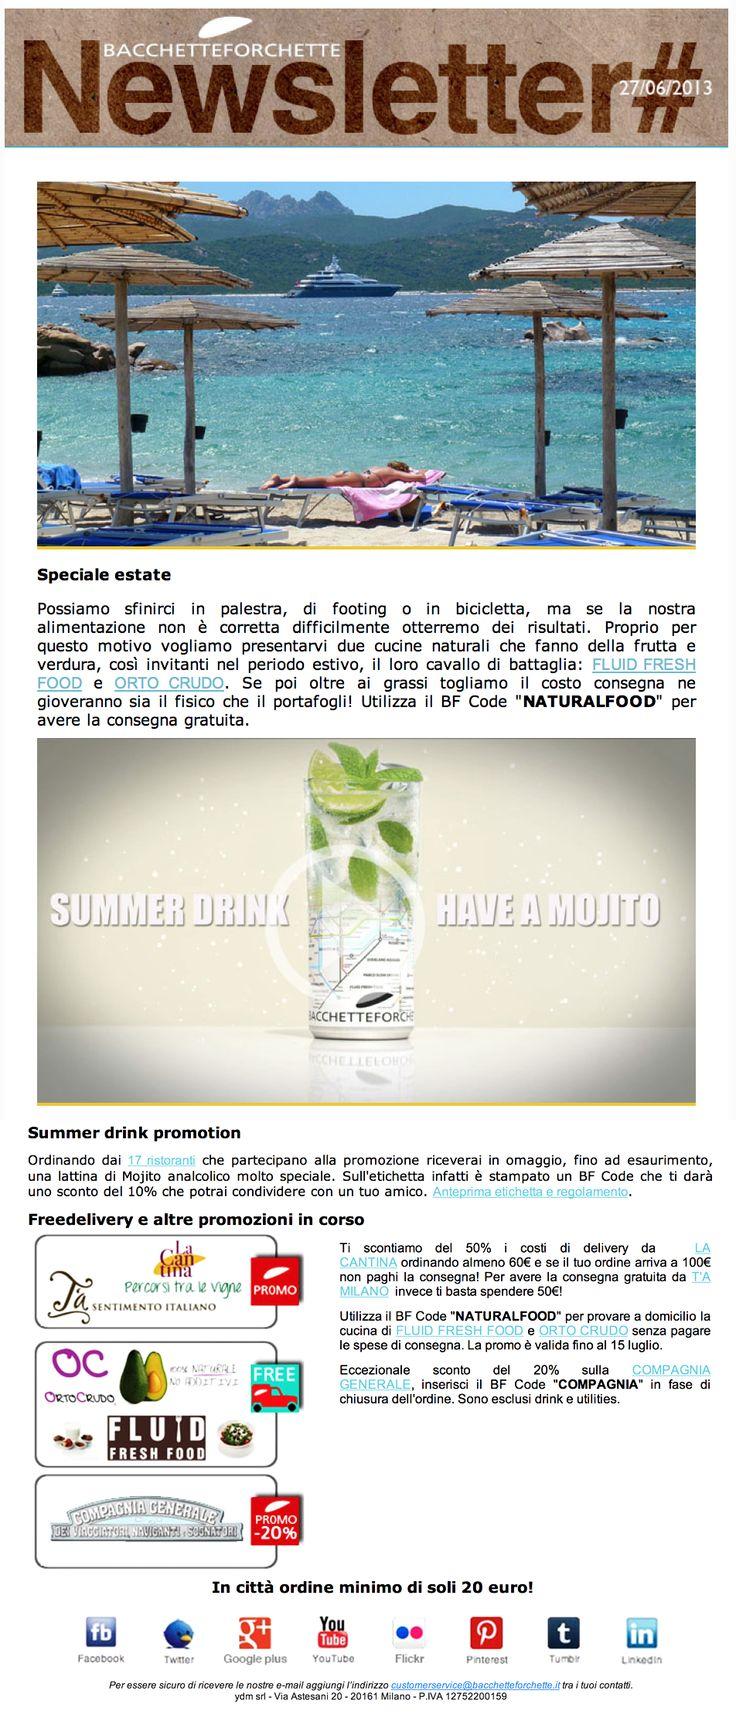 La Newsletter di luglio con le promo Natural Food e Summer drink promotion